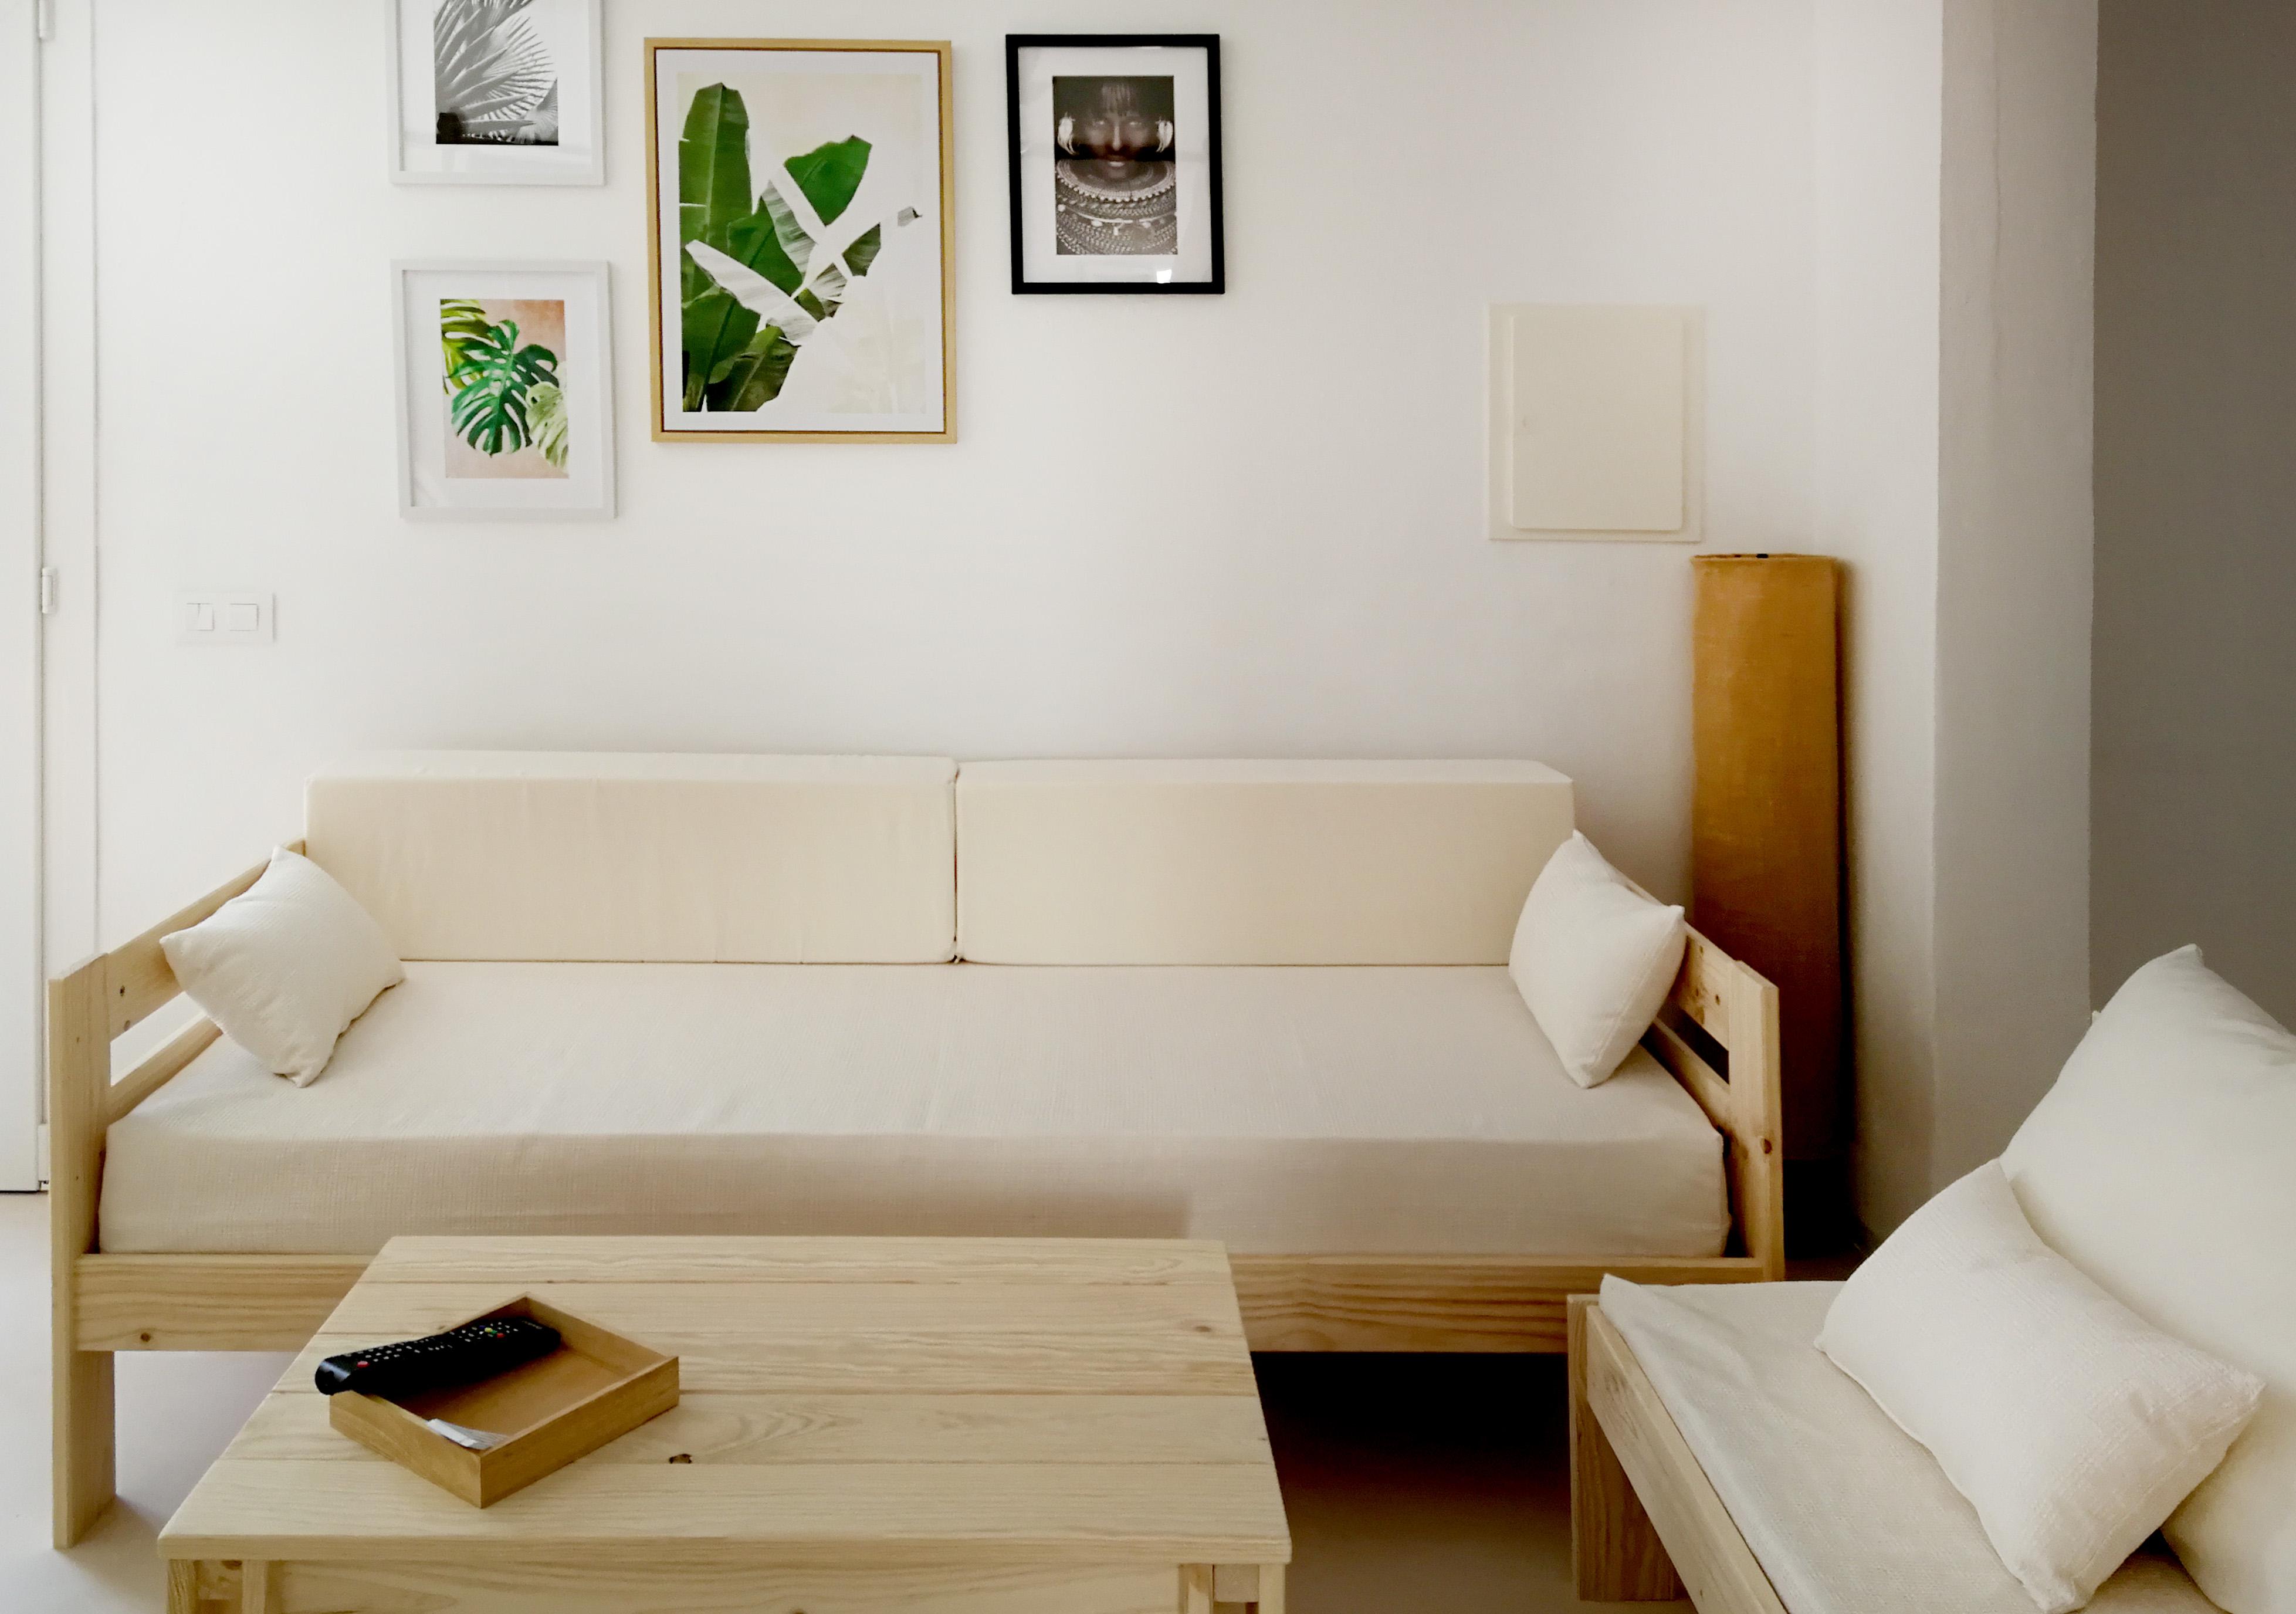 Muebles baratos para alojamientos turísticos.